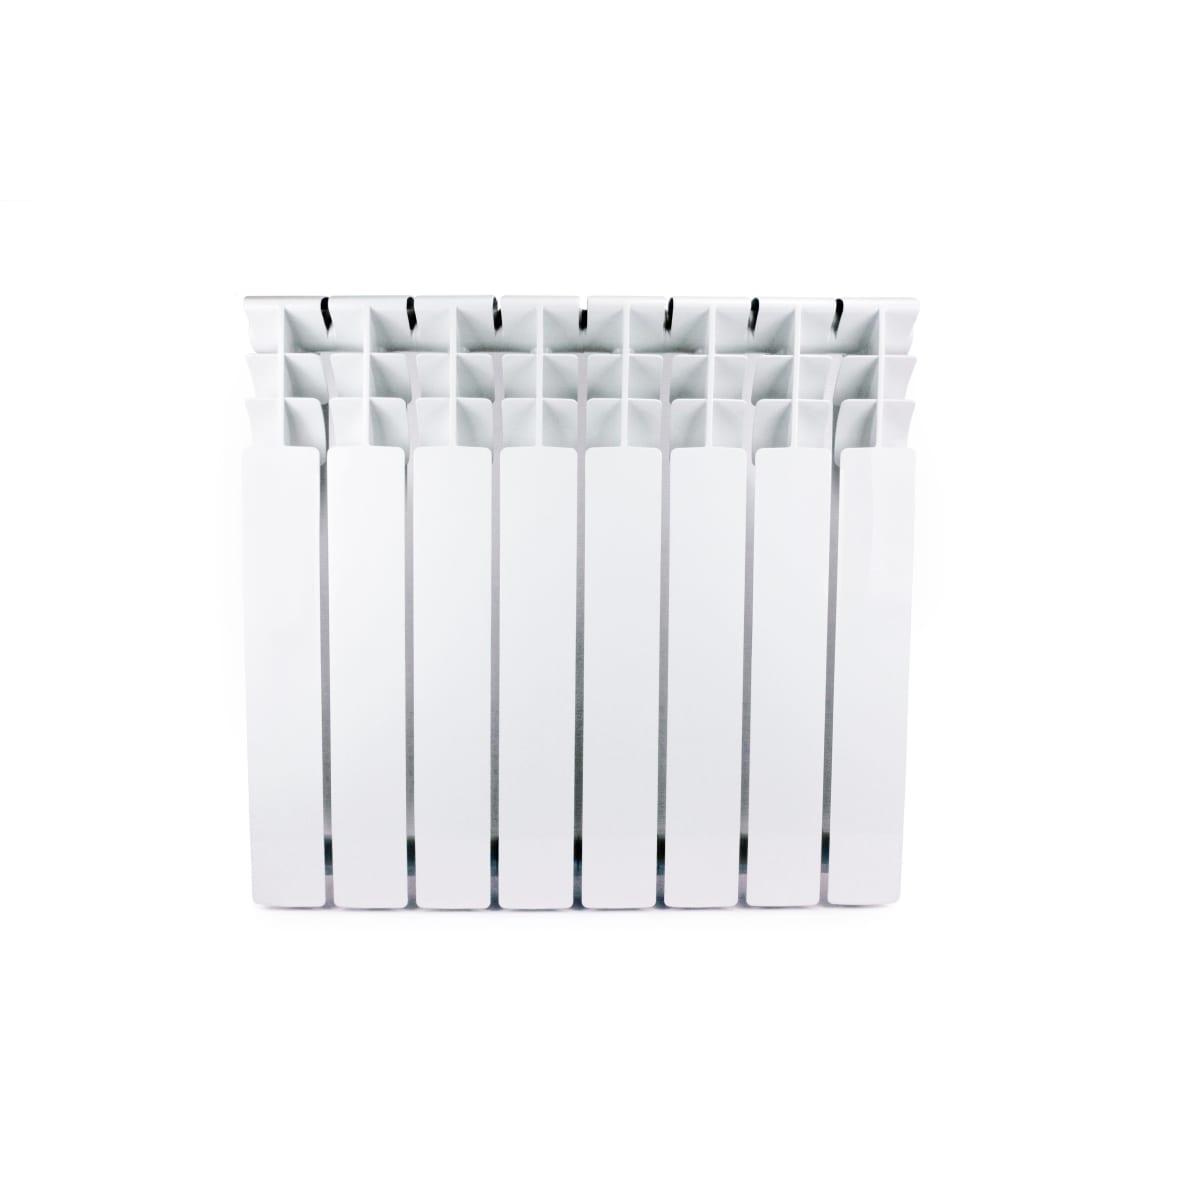 Радиатор алюминиевый литой модель Konner LUX 80/500, 6 секций